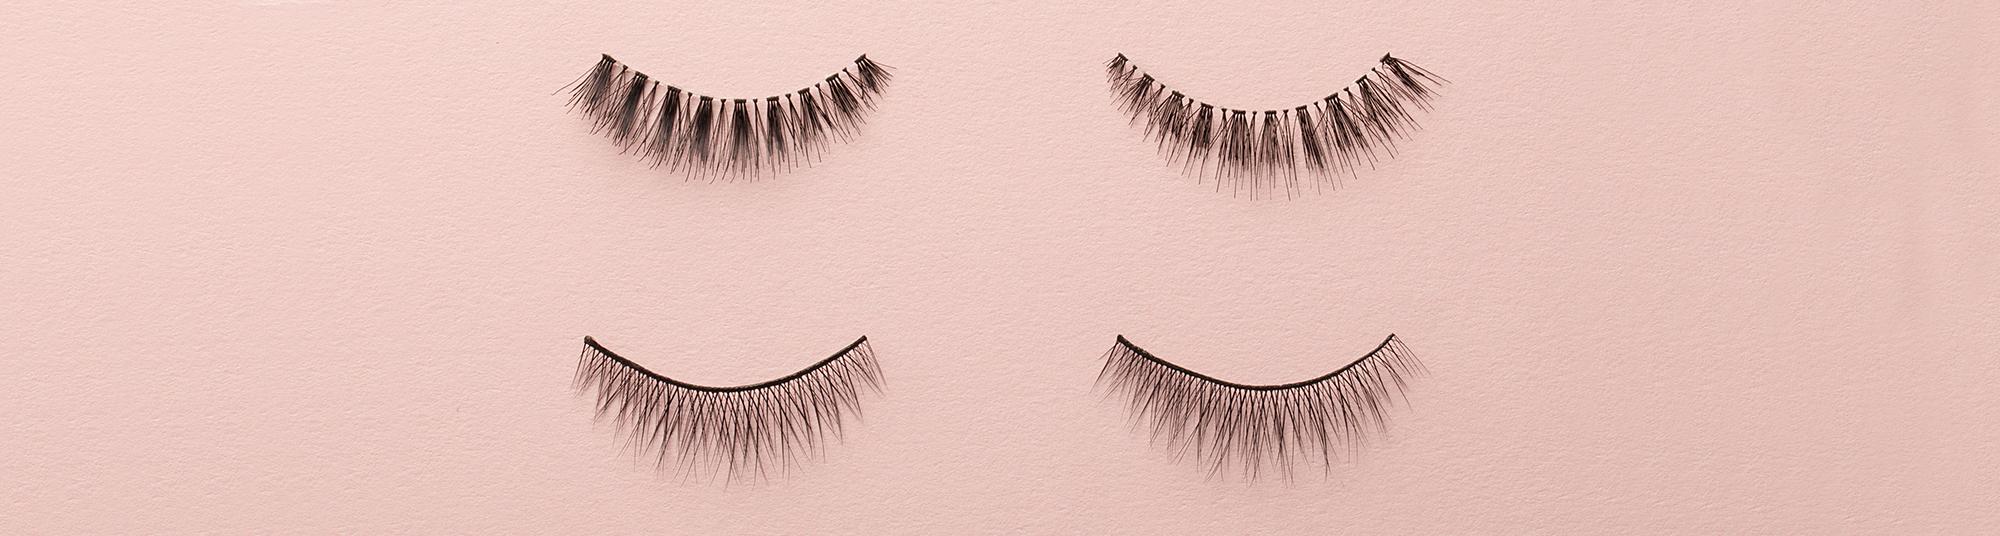 Mii Cosmetics False Eyelashes category